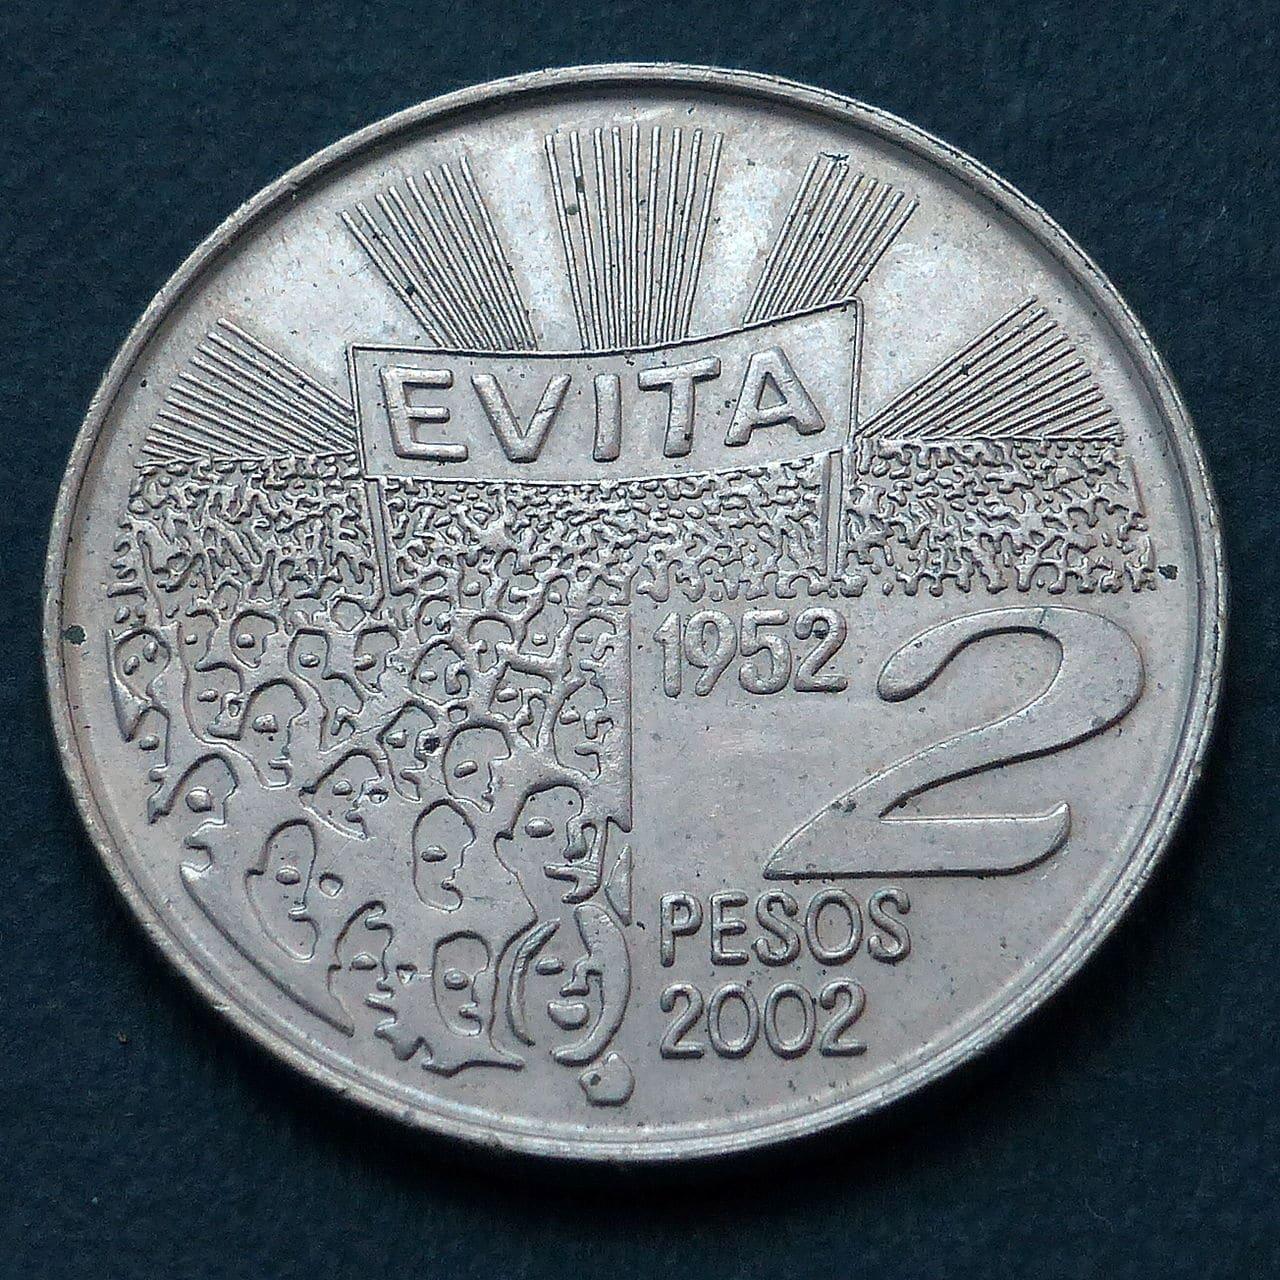 Argentina - 2 pesos 2002- 50 Aniversario - Muerte de María Eva Duarte de Perón P1040083